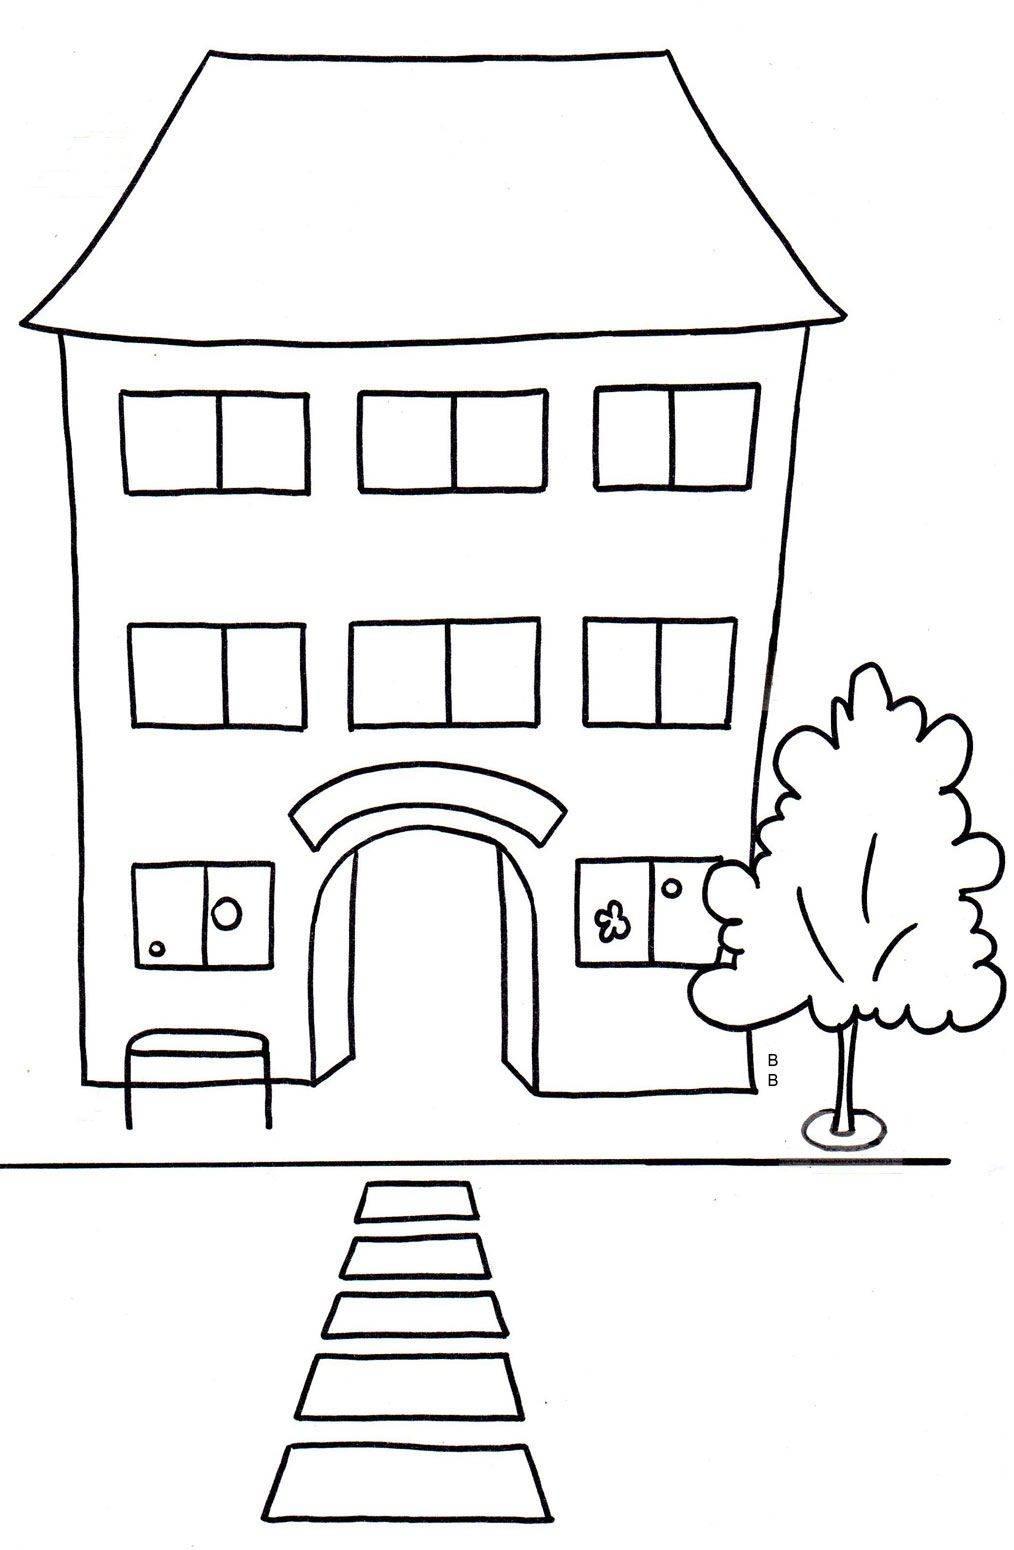 Kostenlose Malvorlage Schule: Schulhaus zum Ausmalen